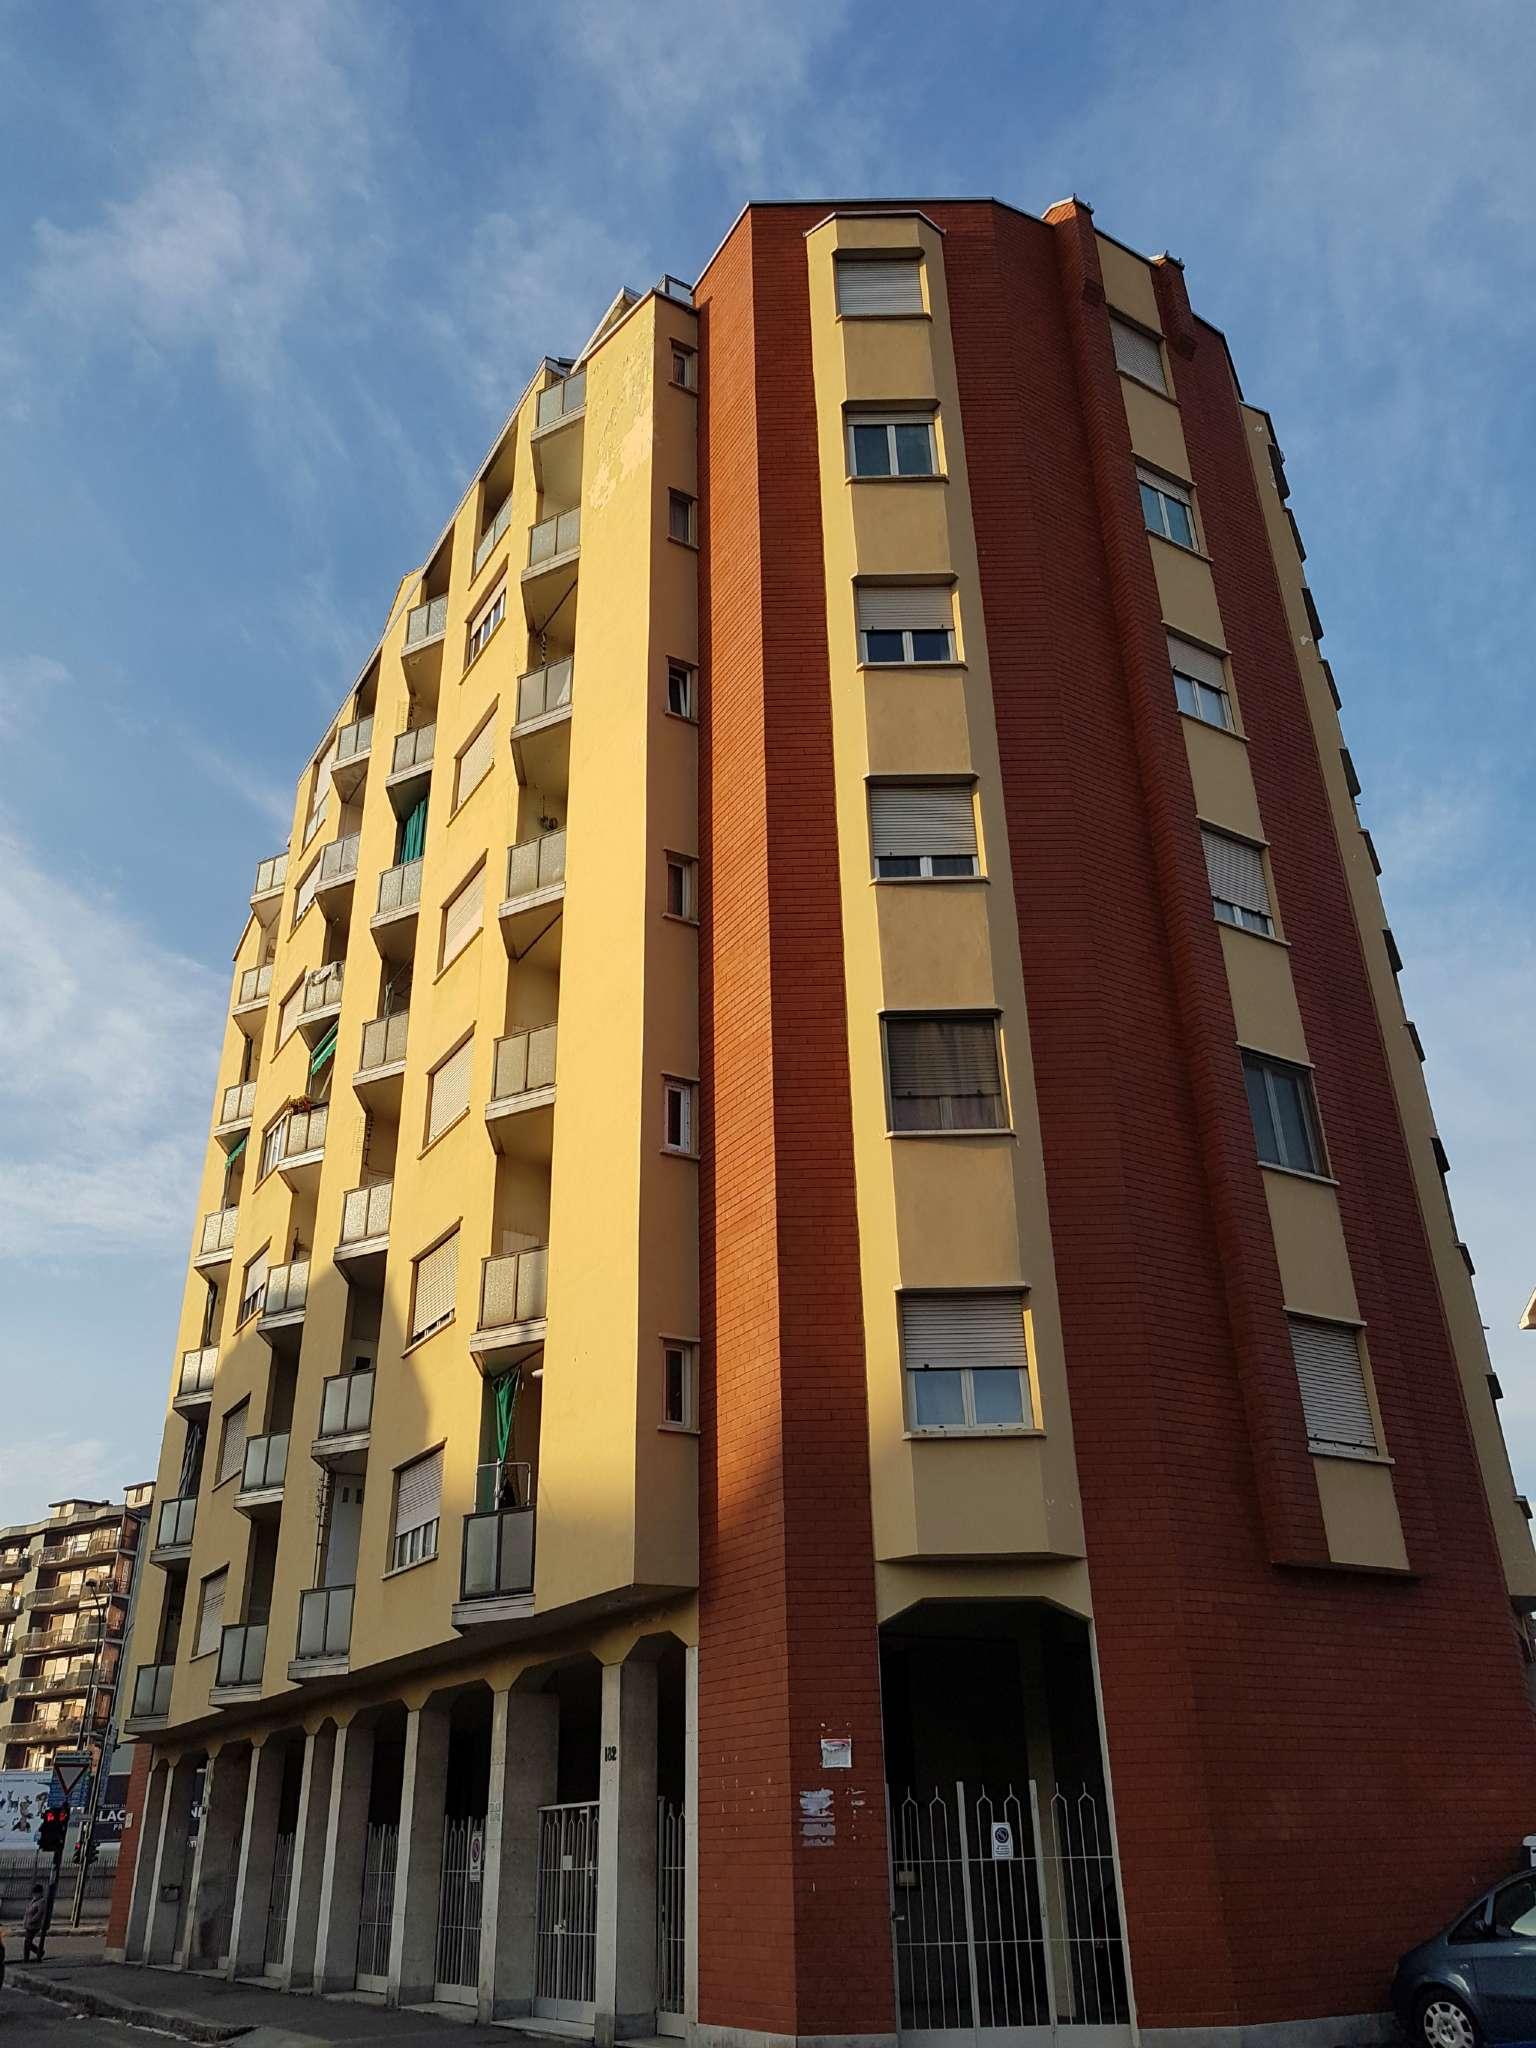 Vendita - Appartamento - Torino - LUCENTO CORSO TOSCANA TRILOCALE PIANO ALTO ASCENSORE OTTIMO PREZZO ? 69.000